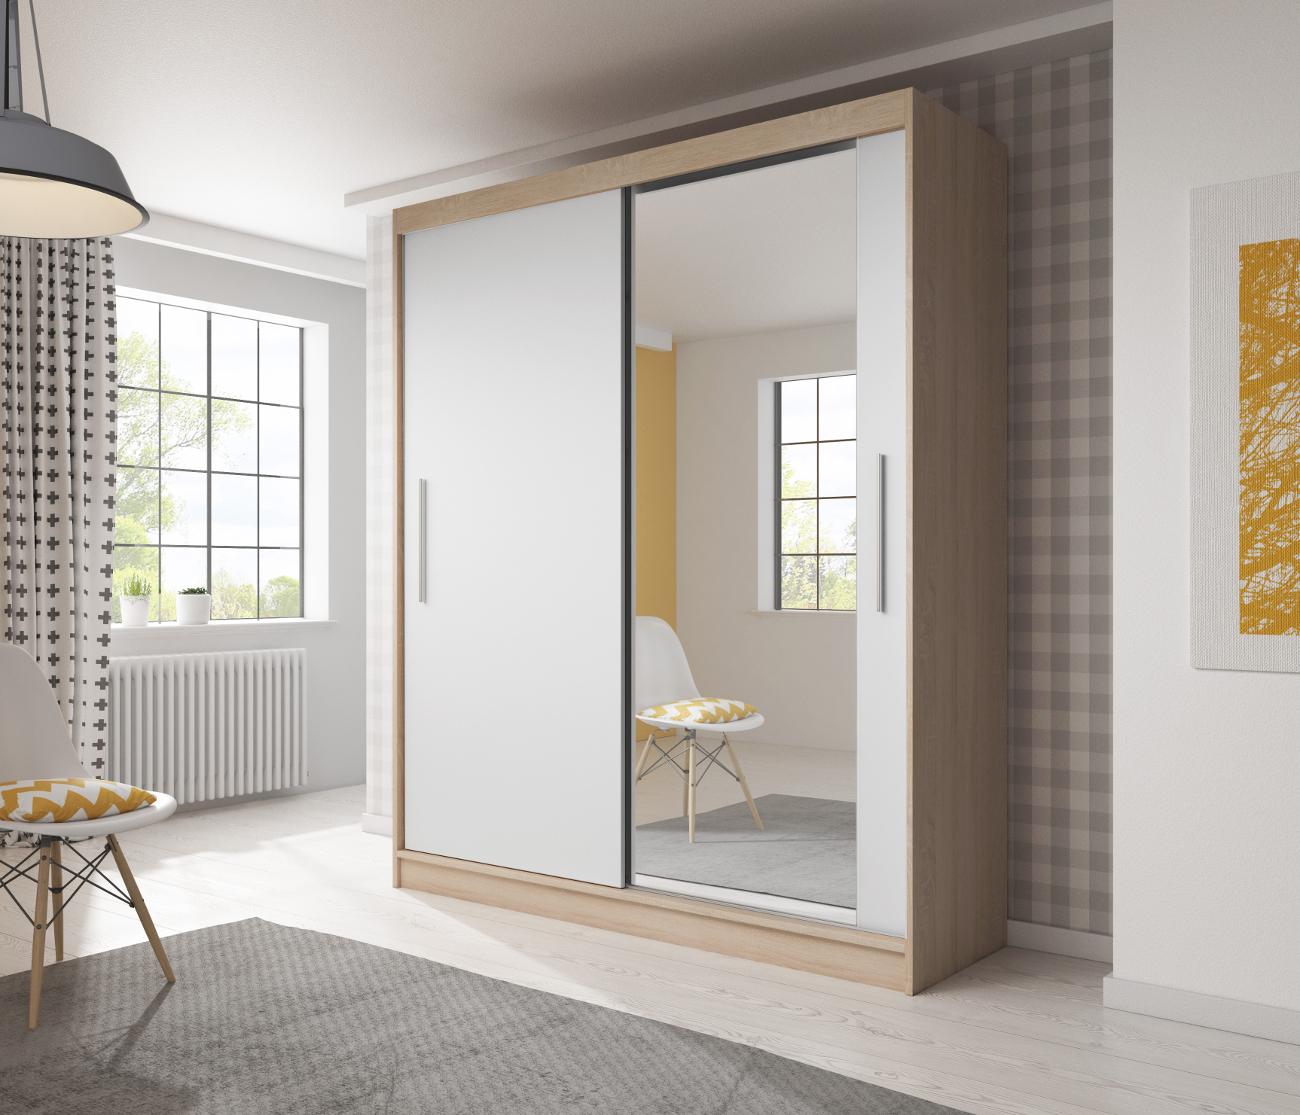 kleiderschrank tess 03 sonoma wei m bel muller braun. Black Bedroom Furniture Sets. Home Design Ideas